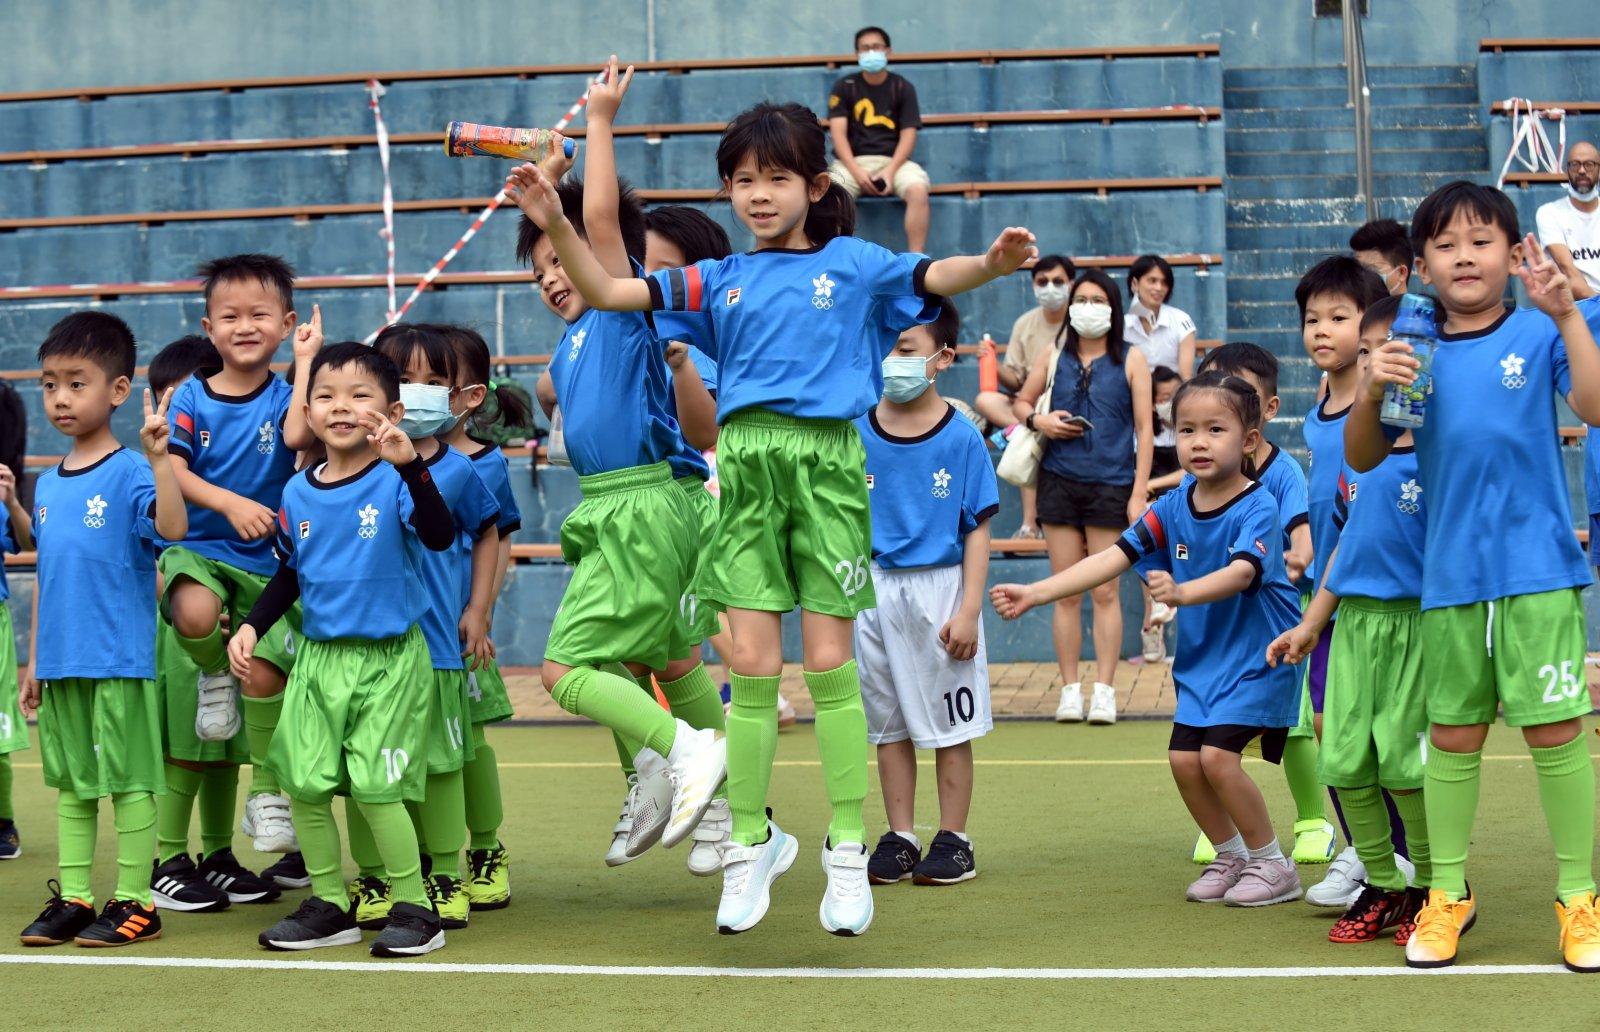 6月6日,小球員參加第64屆體育節足球活動。(新華社)